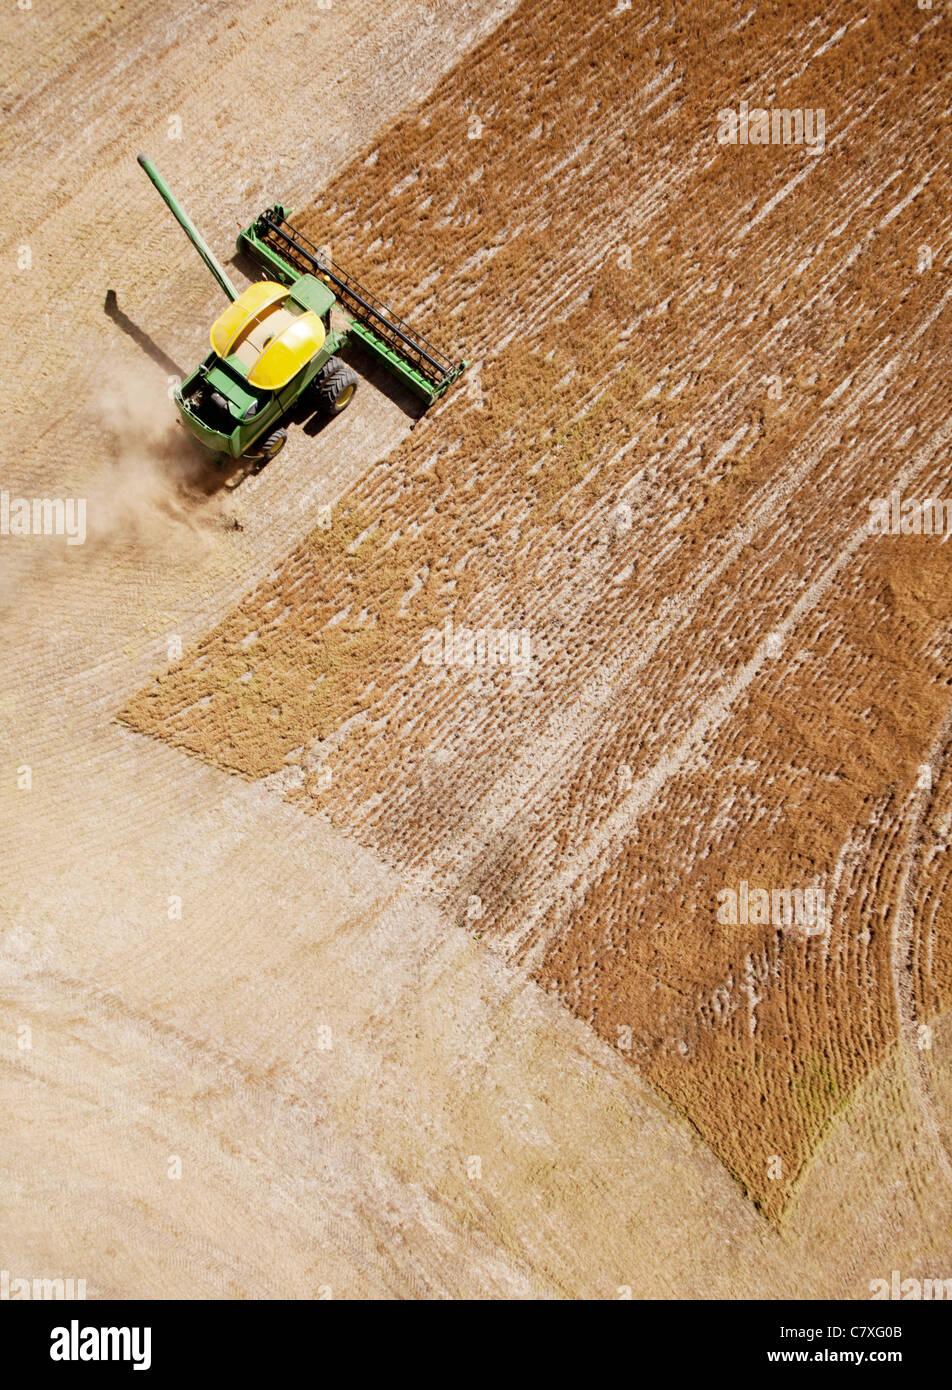 Mietitrice verde combinando un campo di lenticchie nella prateria Immagini Stock